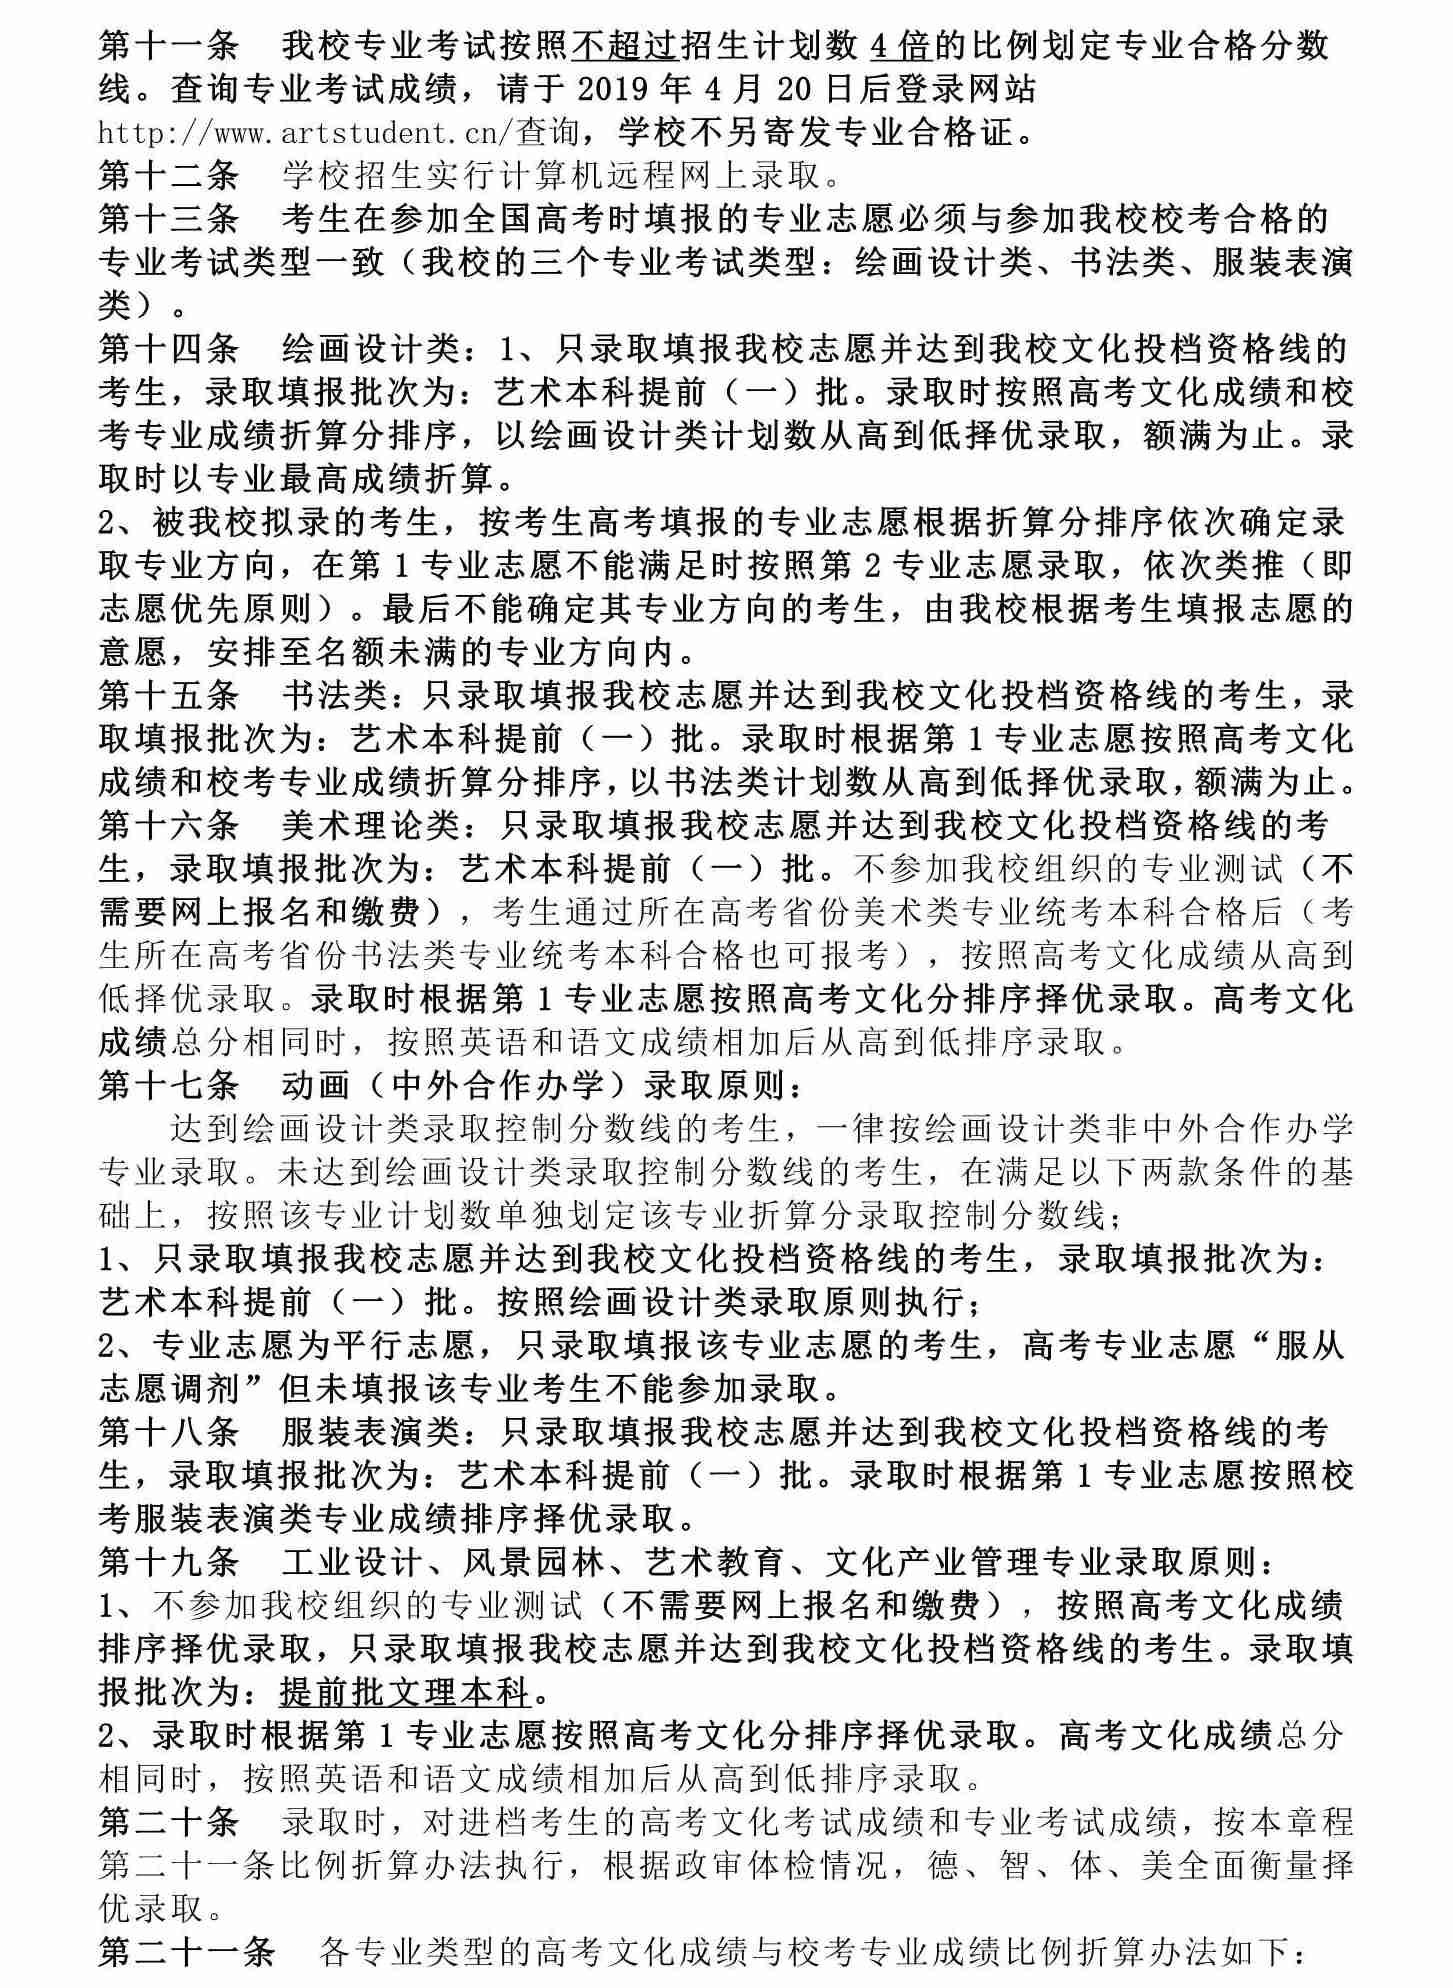 台灣美術學院2019年通俗本科招生簡章圖片03